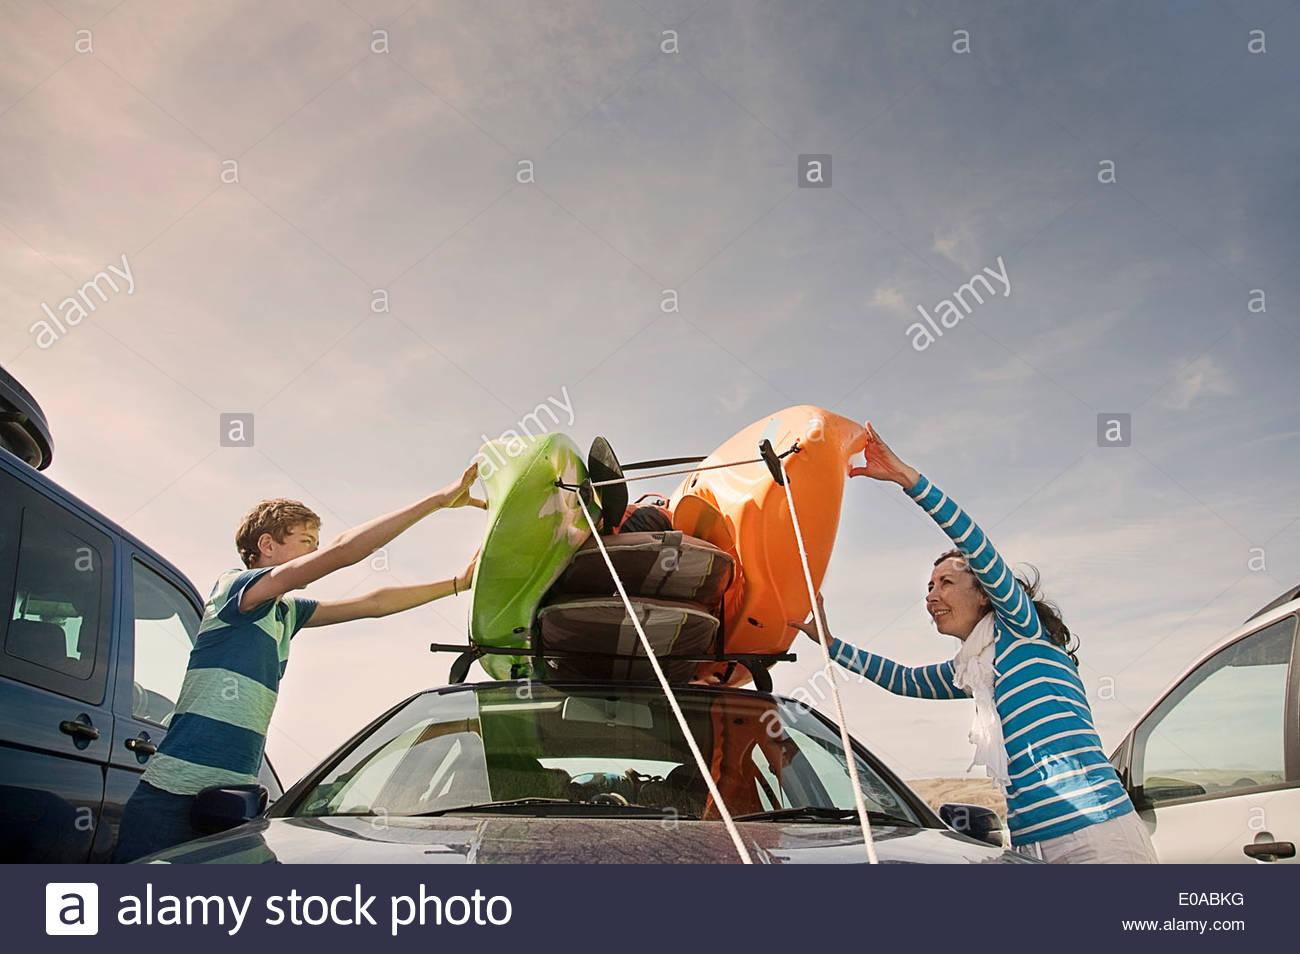 Mutter und Sohn Stapeln Kajaks auf Auto Stockbild